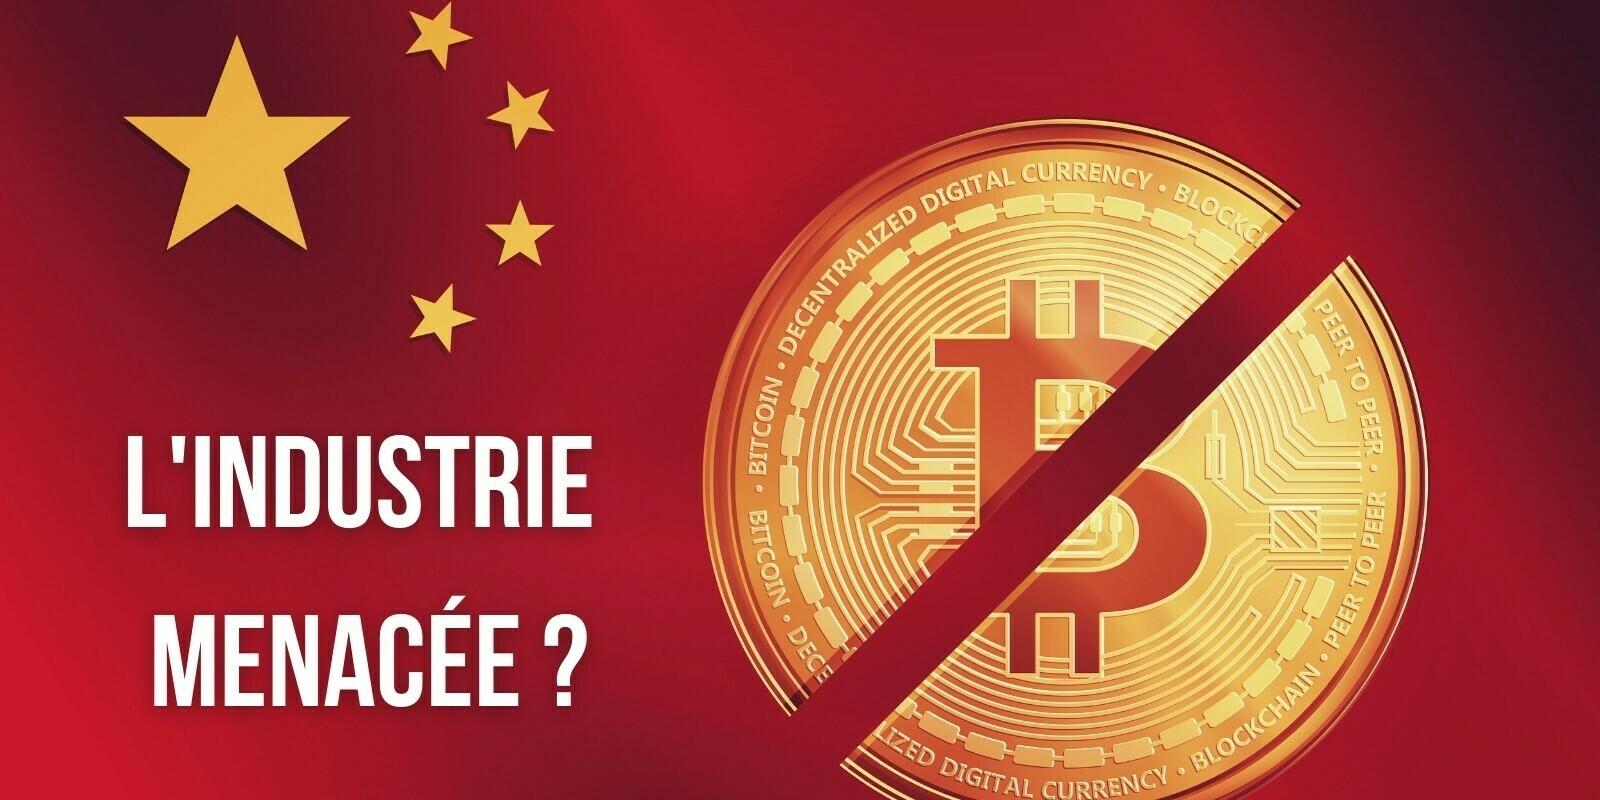 La Mongolie-Intérieure menace de bannir le mining de Bitcoin - Est-ce un danger pour l'industrie ?